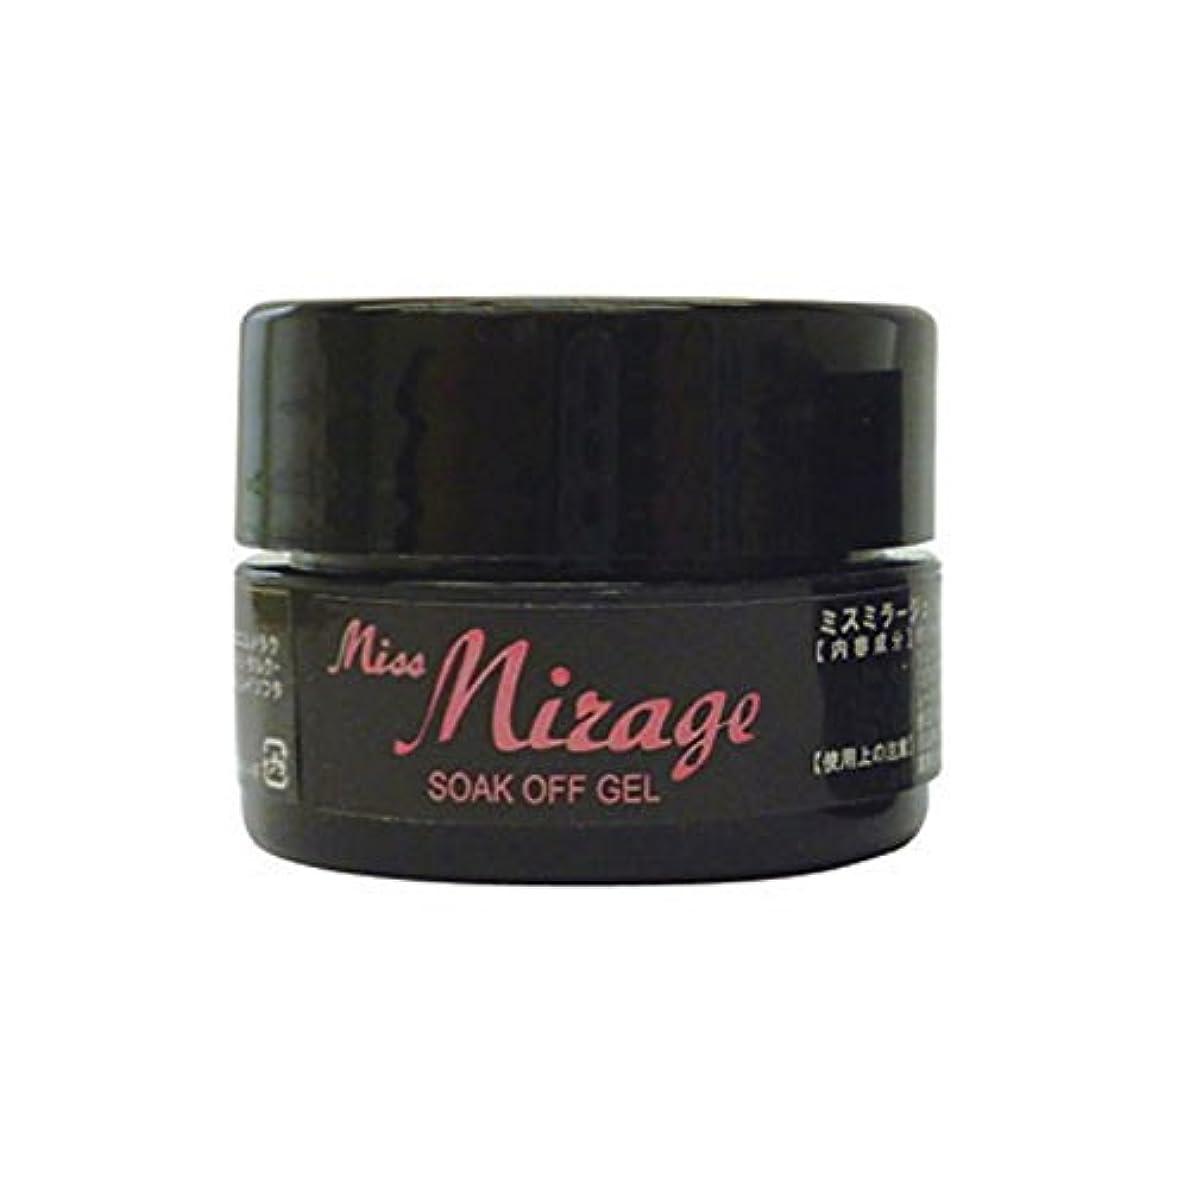 Miss Mirage(ミスミラージュ) ソークオフジェル S37s ミルフィーユ グレー  2.5g